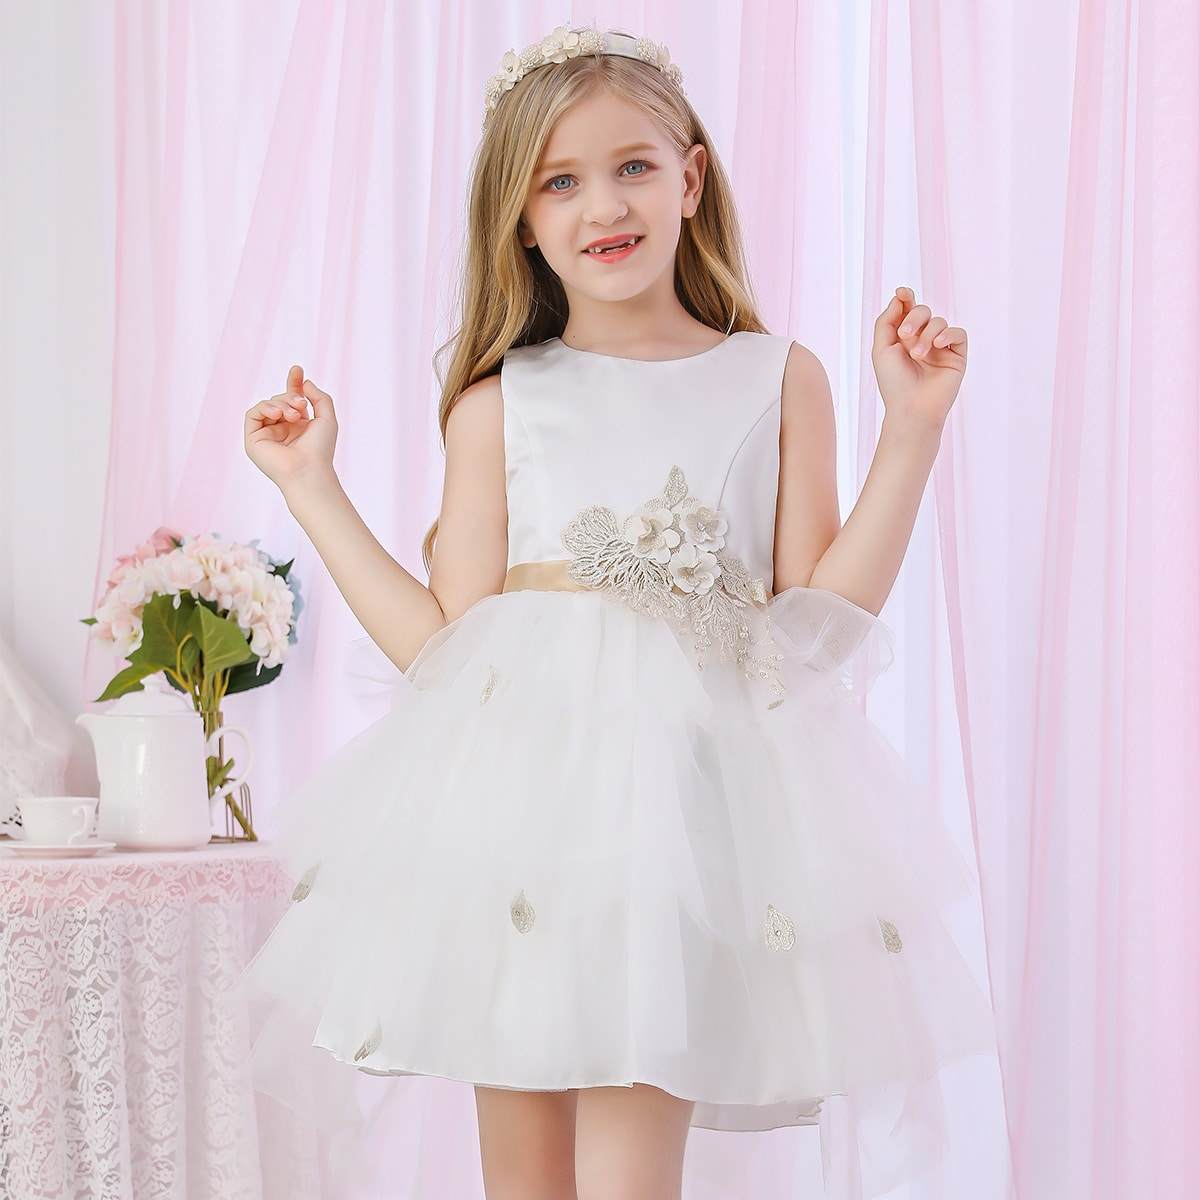 SHEIN / Mädchen Kleid mit Applikation, Schleife hinten und Netzstoff